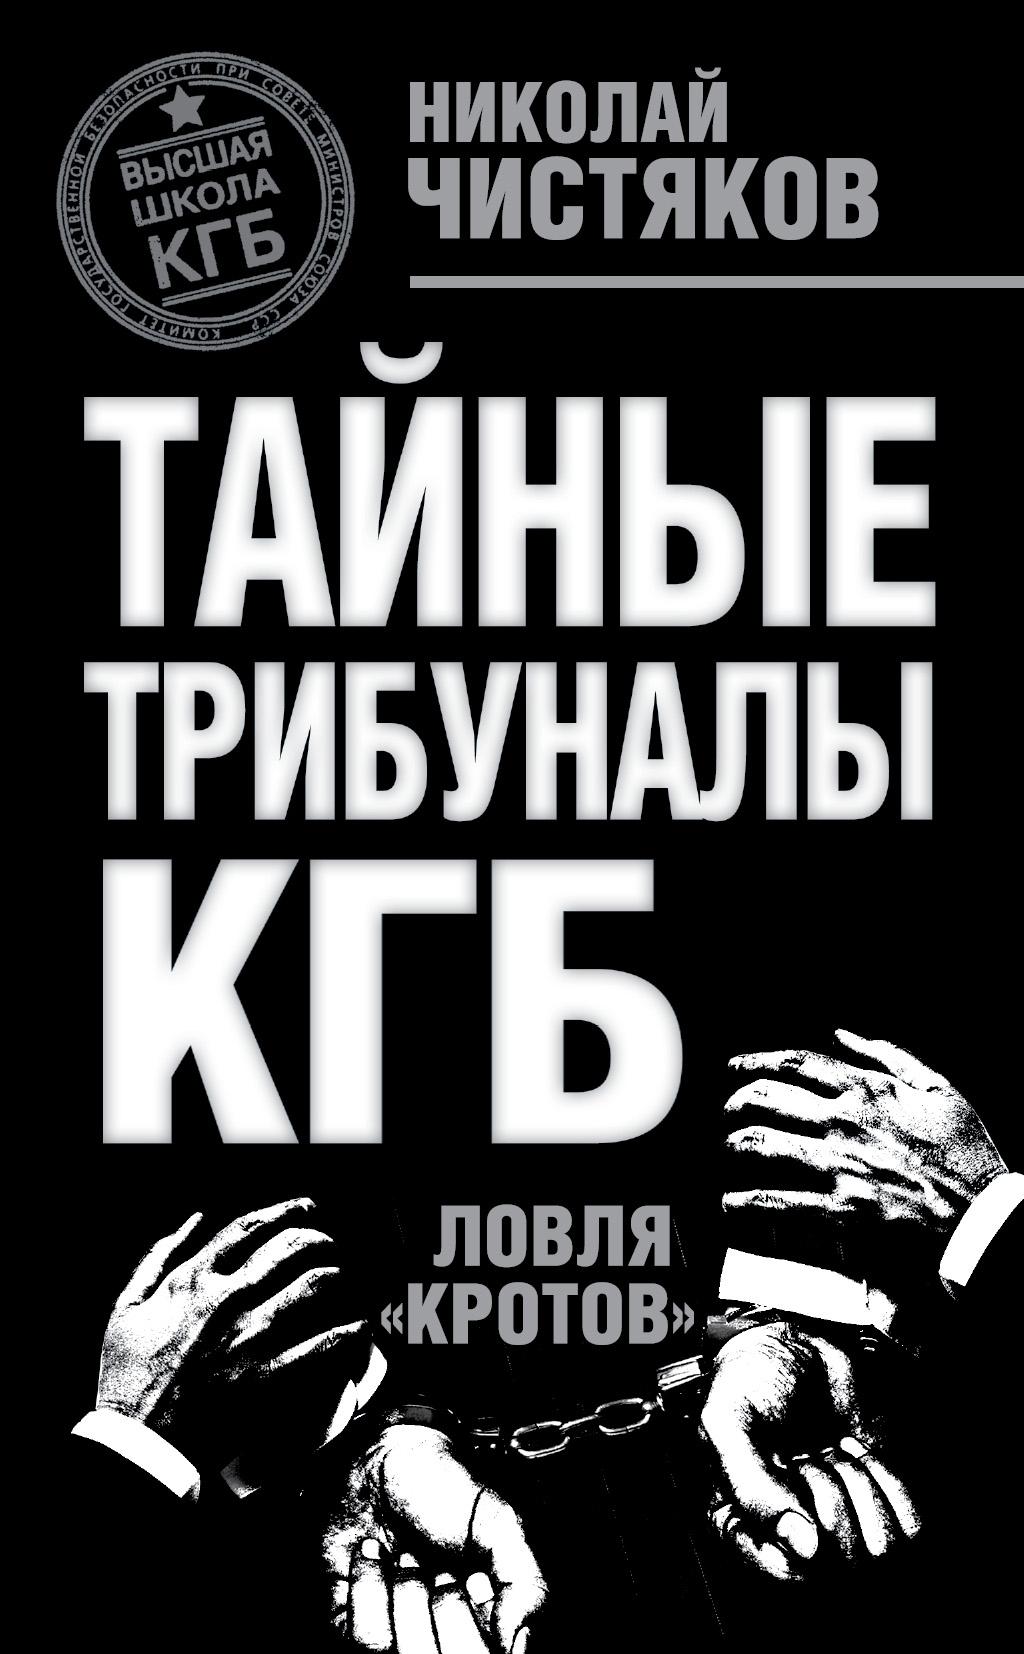 Николай Чистяков «Тайные трибуналы КГБ. Ловля «кротов»»